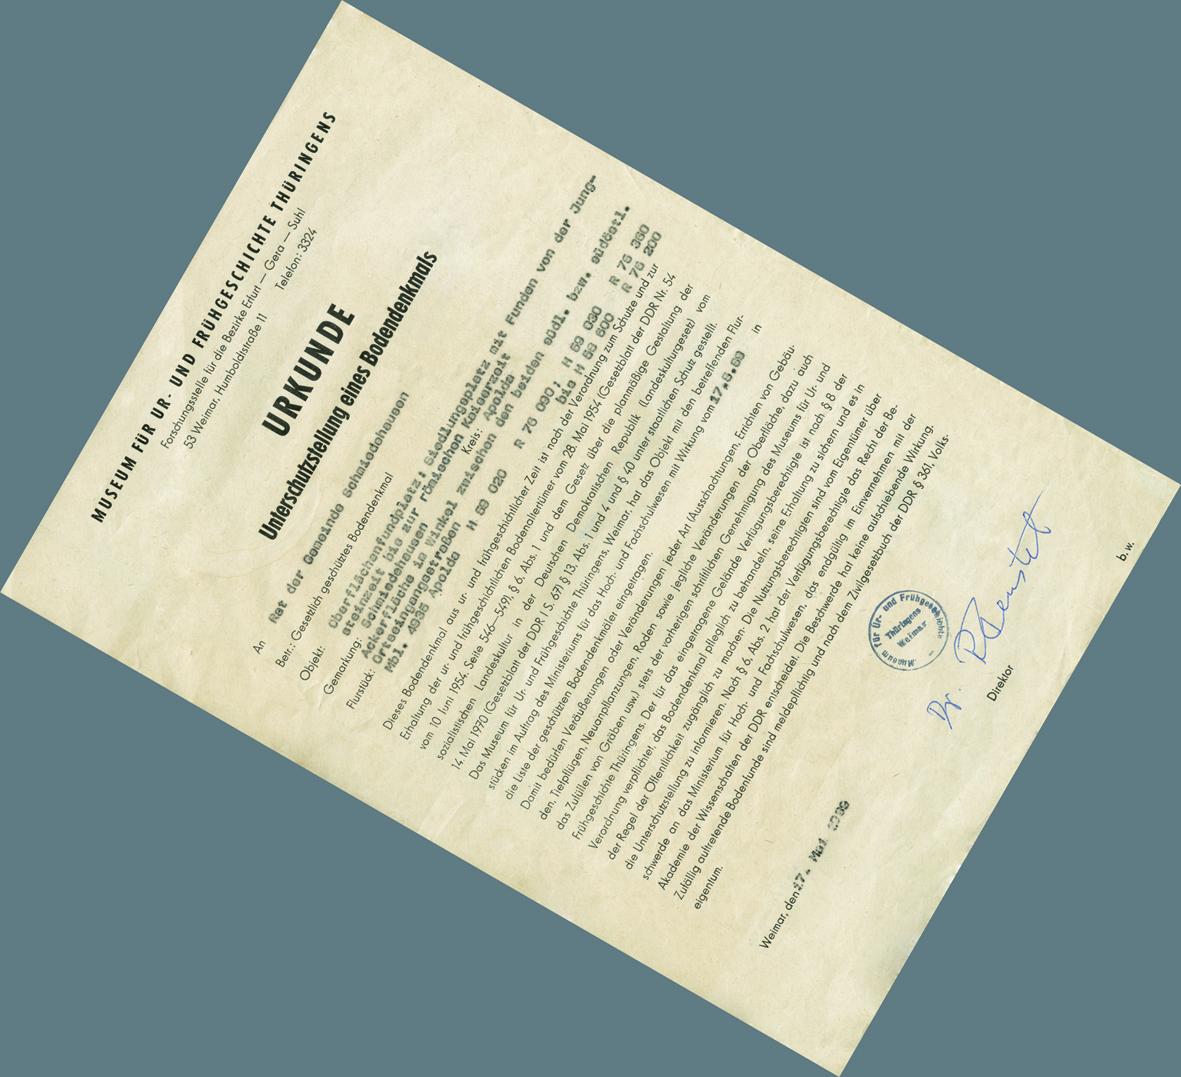 Urkunde auf leicht vergilbtem Papier, Schreibmaschinenschrift